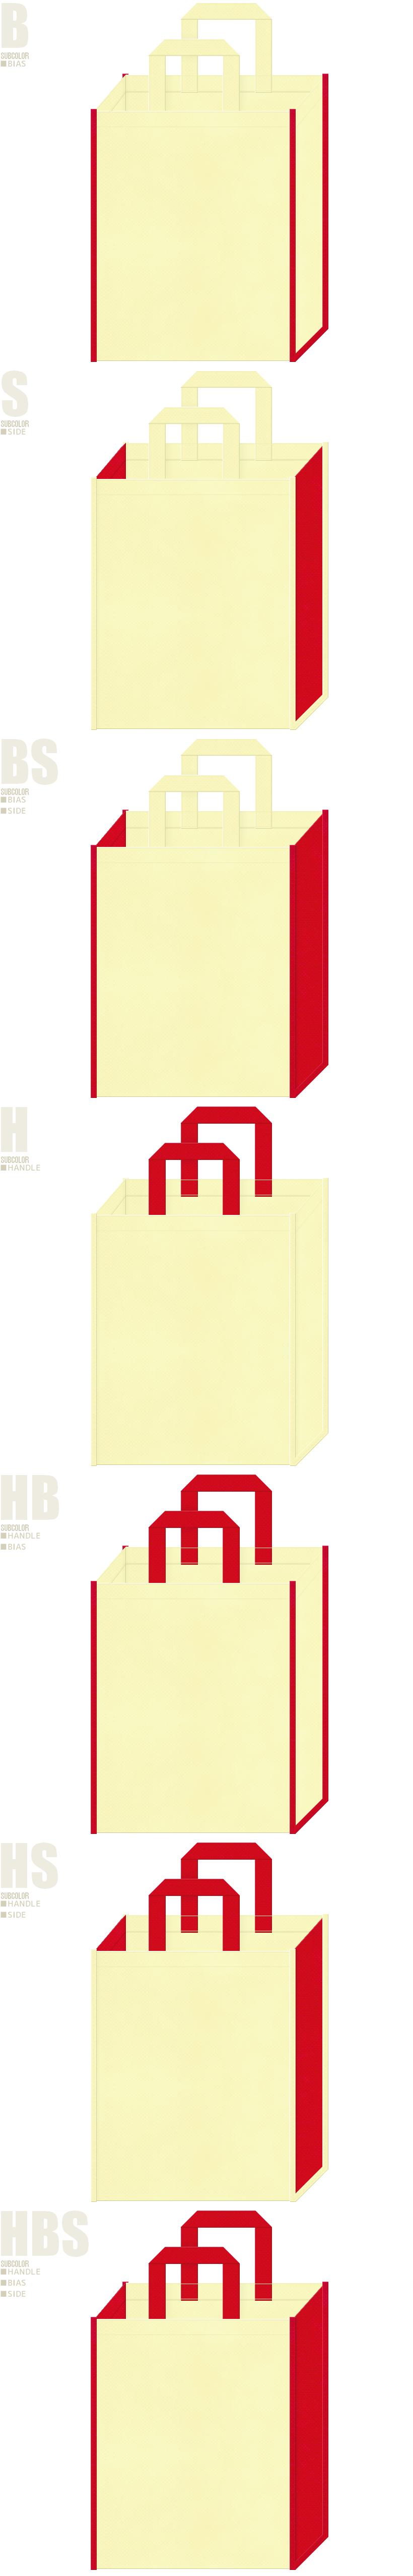 薄黄色と紅色、7パターンの不織布トートバッグ配色デザイン例。